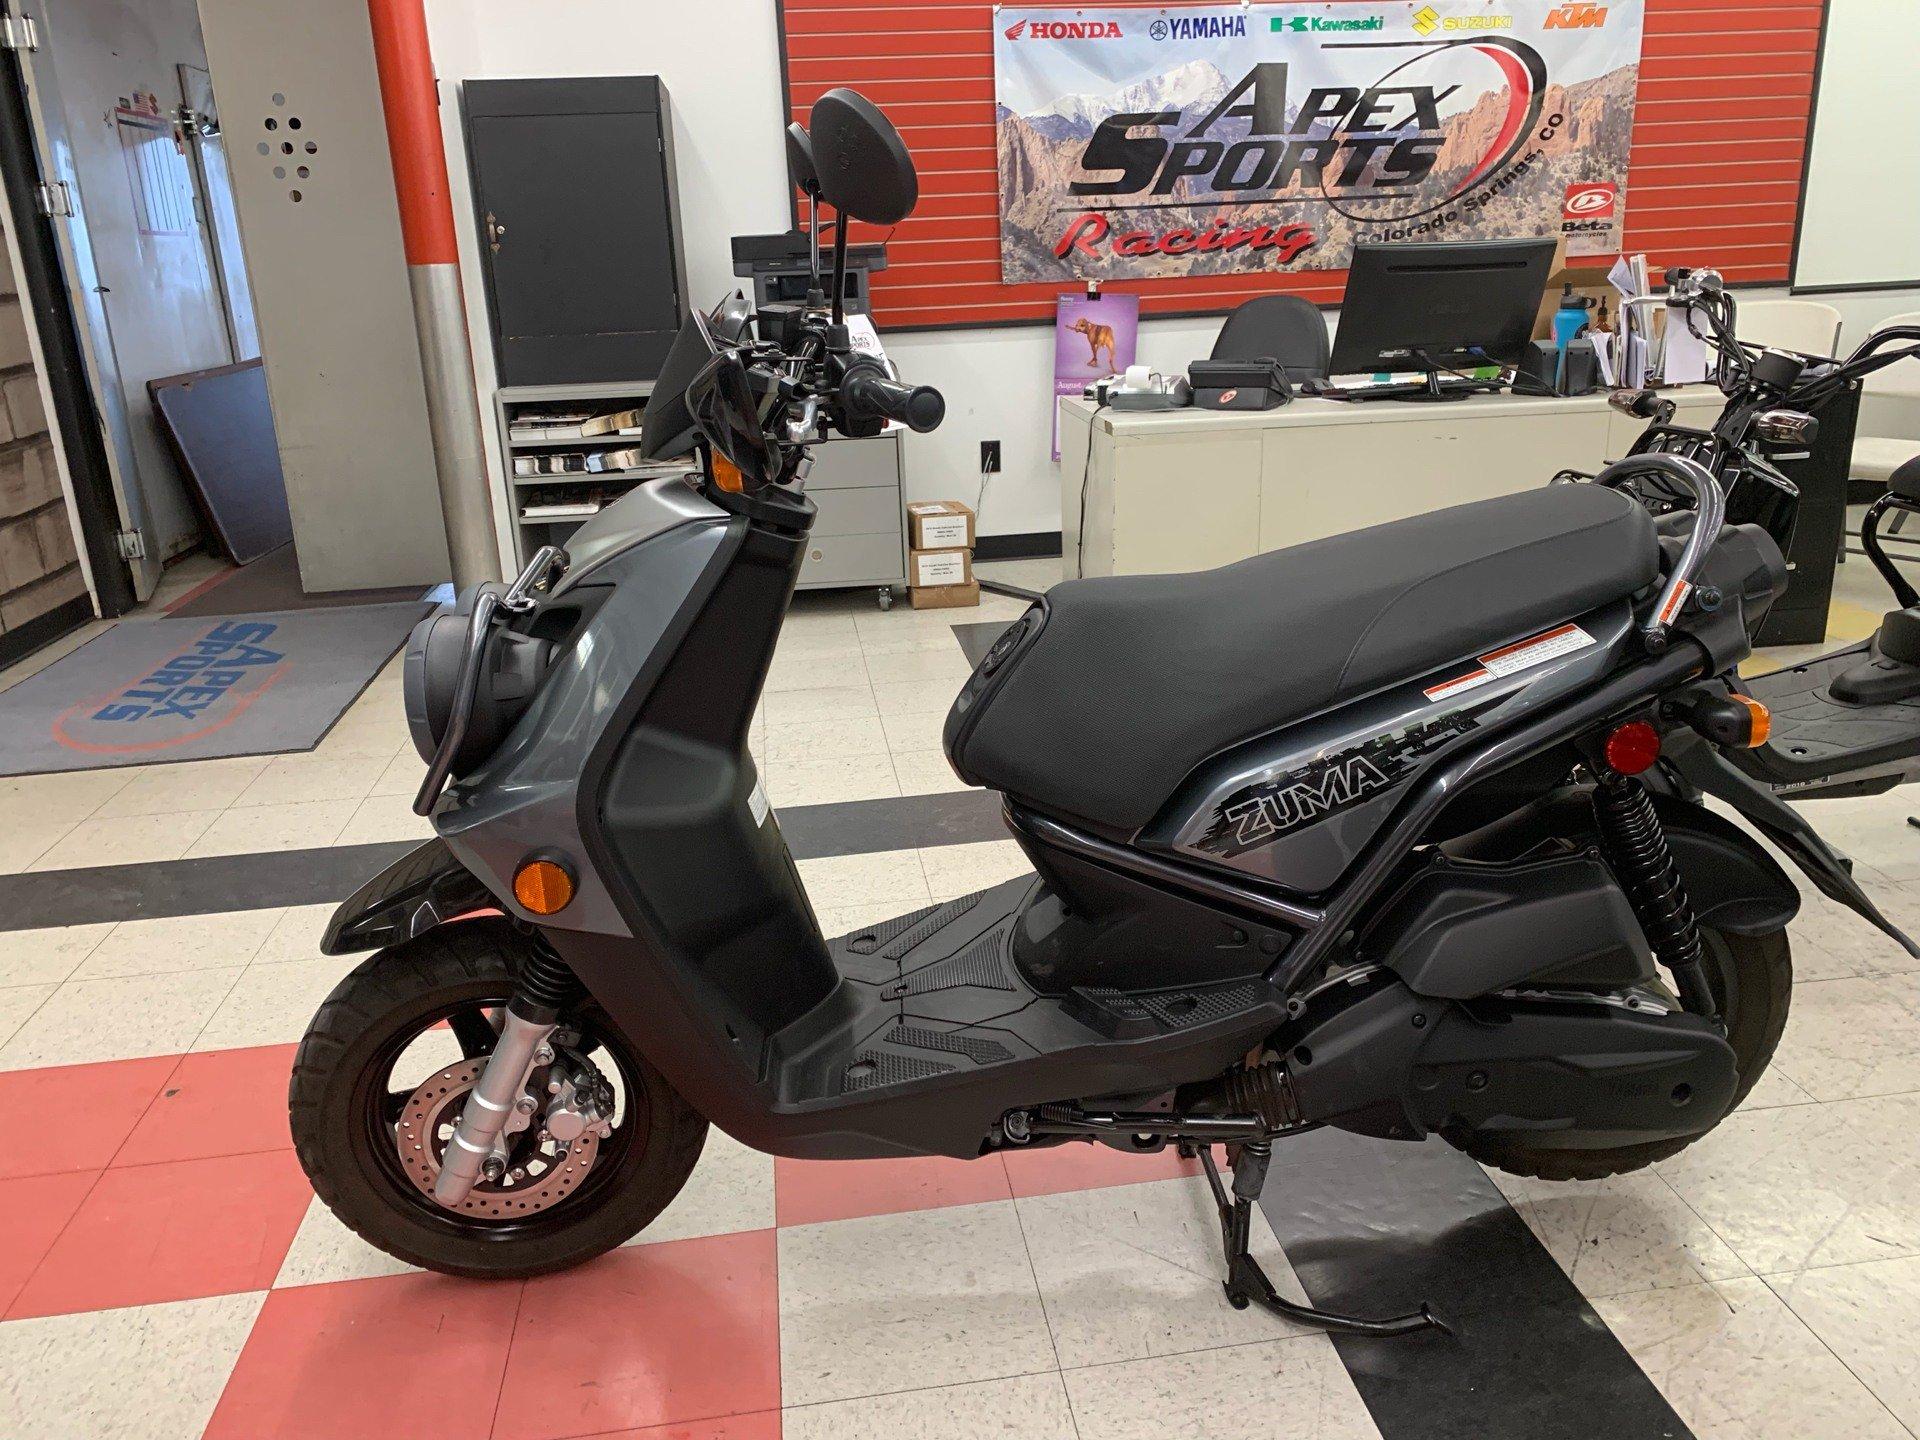 2015 Yamaha Zuma 125 for sale 179694